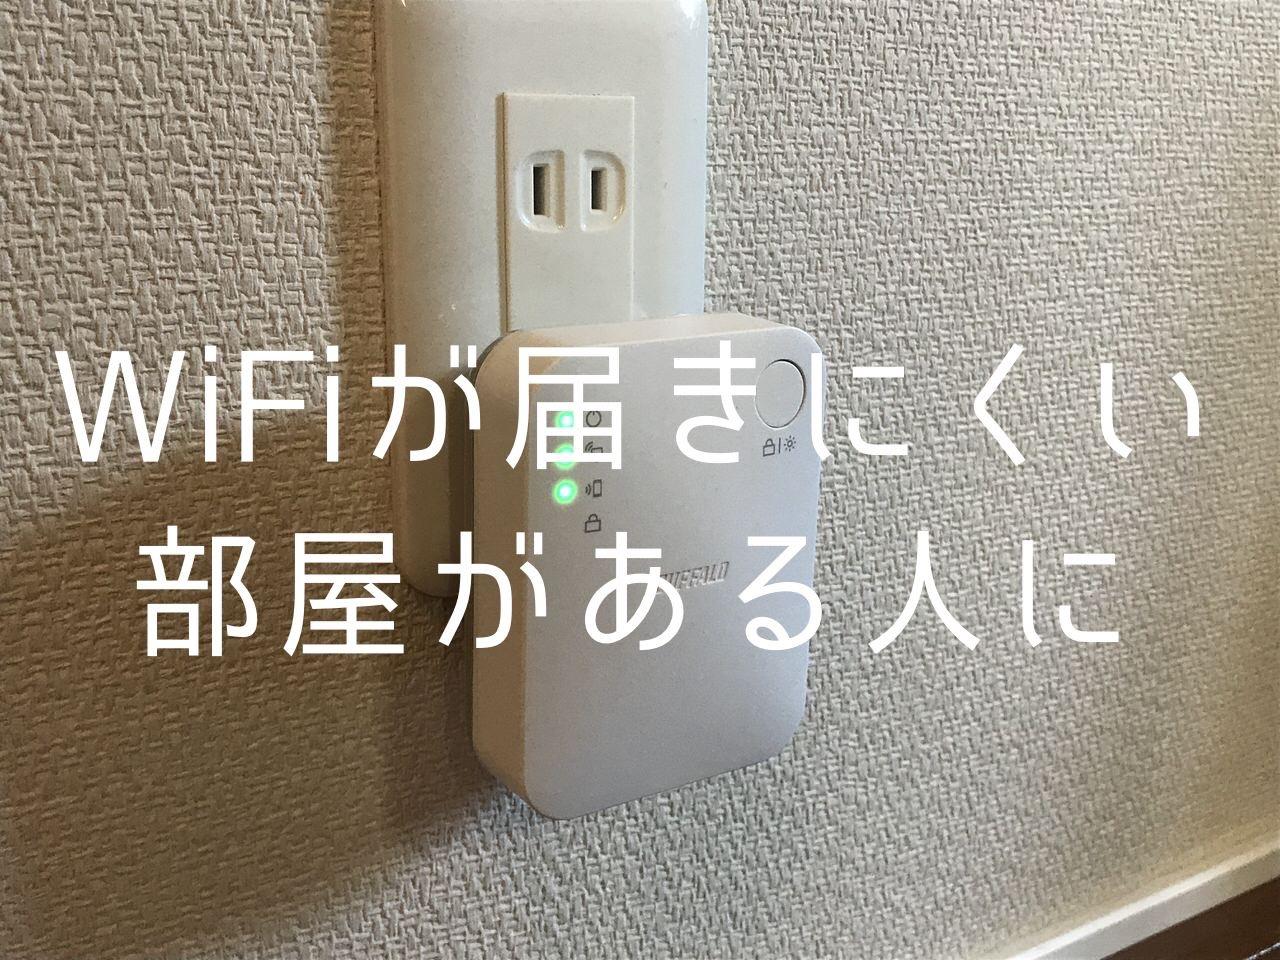 WiFiが寝室に届きにくいからタイムセール祭りで電波中継機を買ってみた → こいつは有能だ‥‥もっと早く買っておけば良かった!